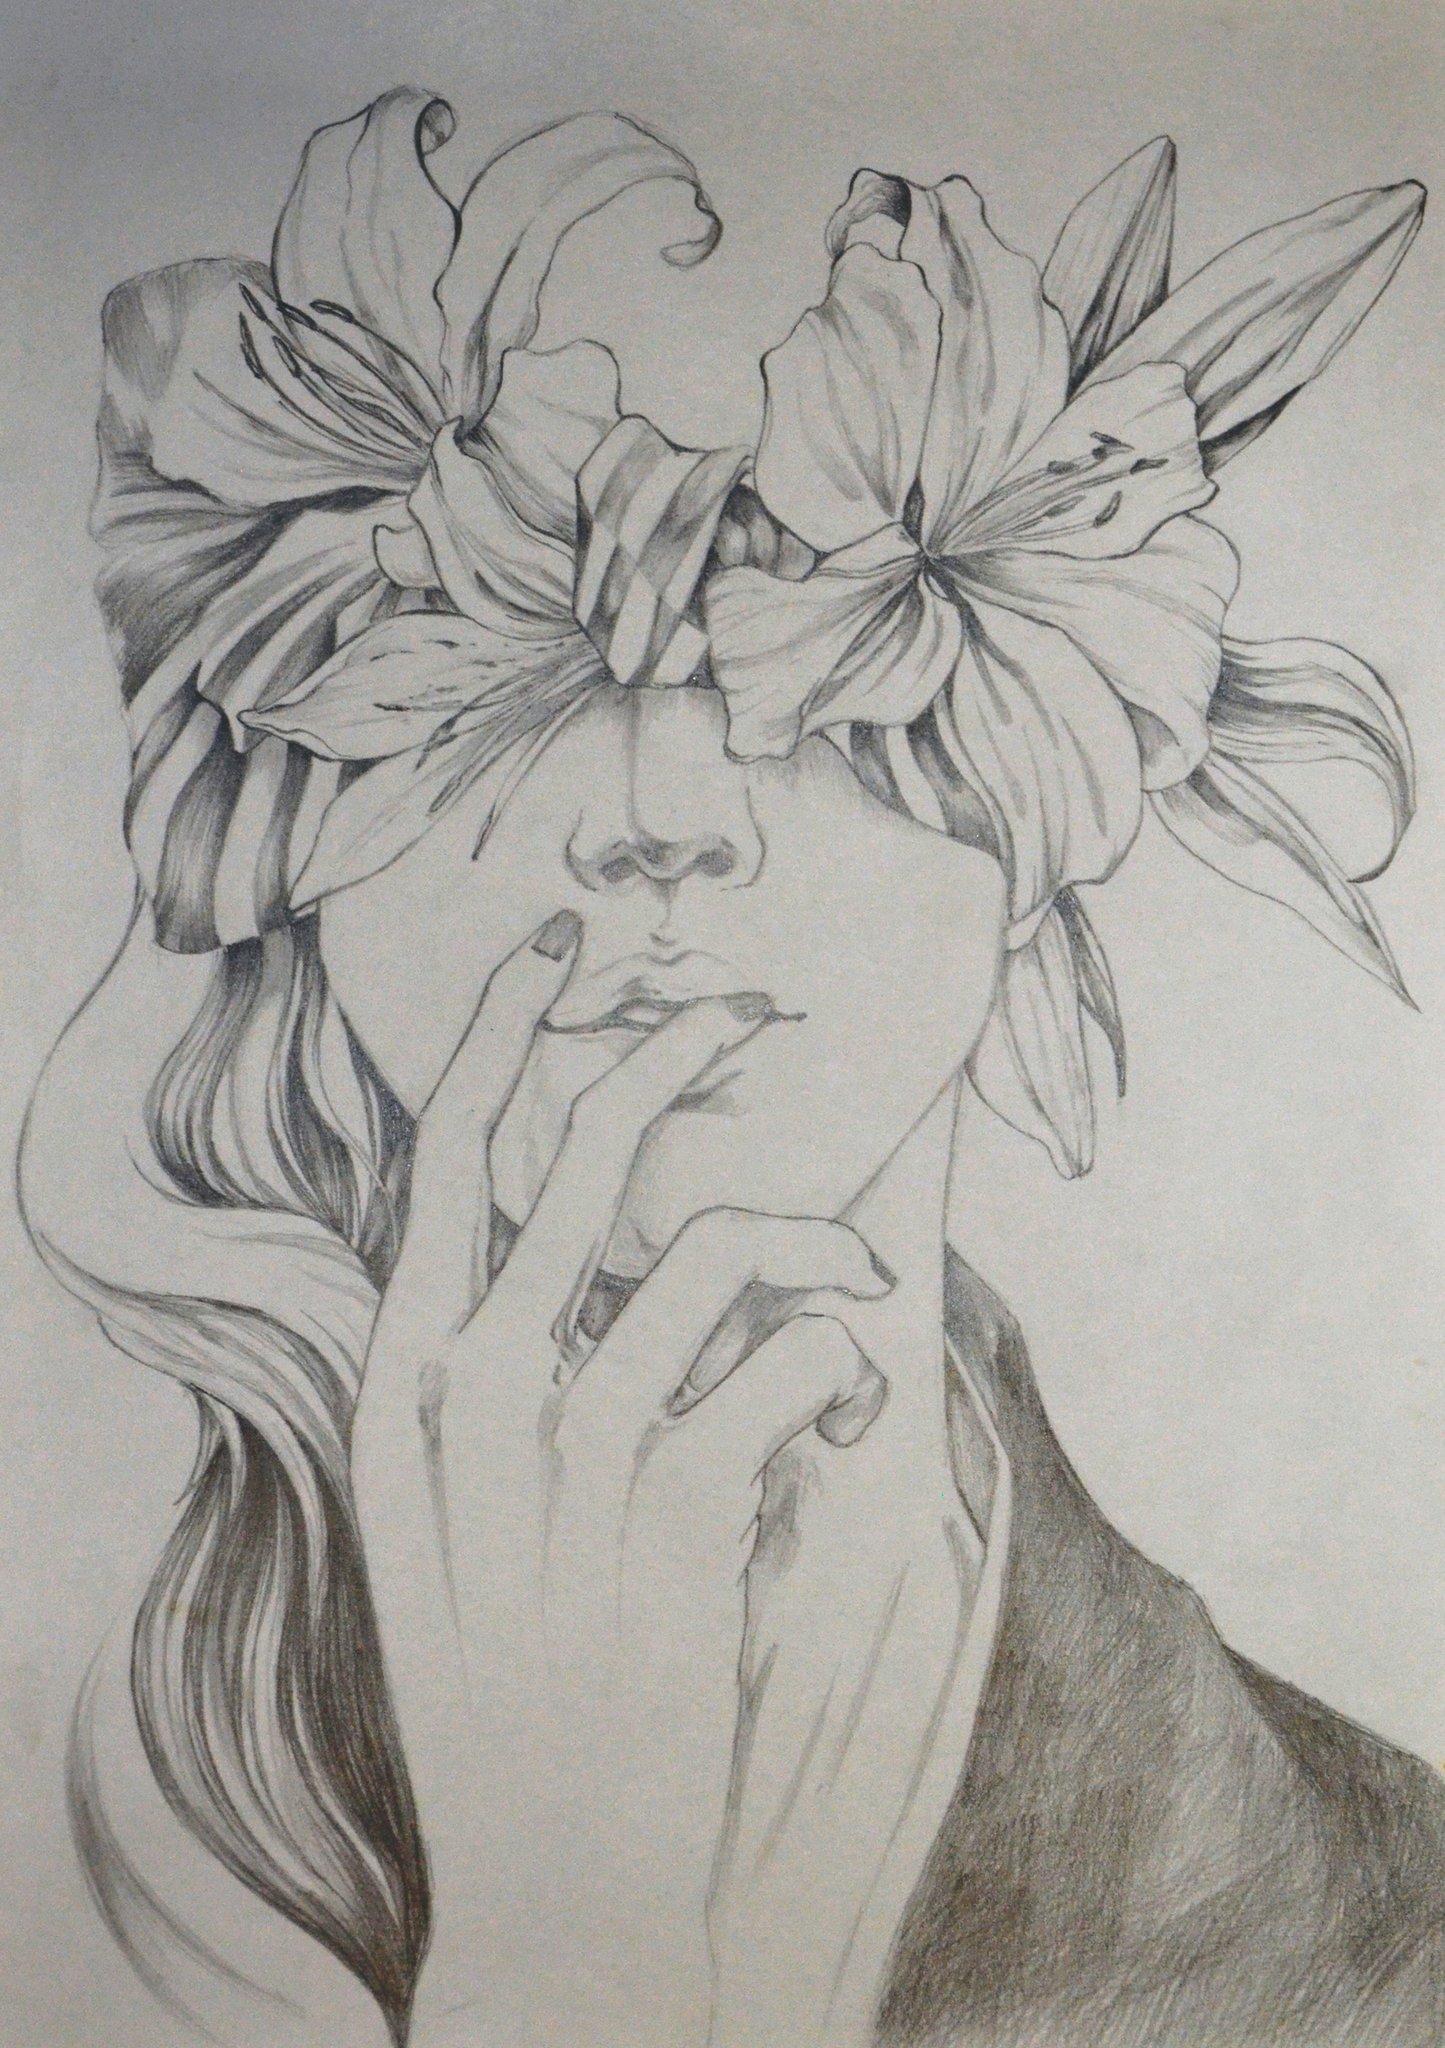 пример североамериканского художественные рисунки карандашом красивые человека наказали потерю